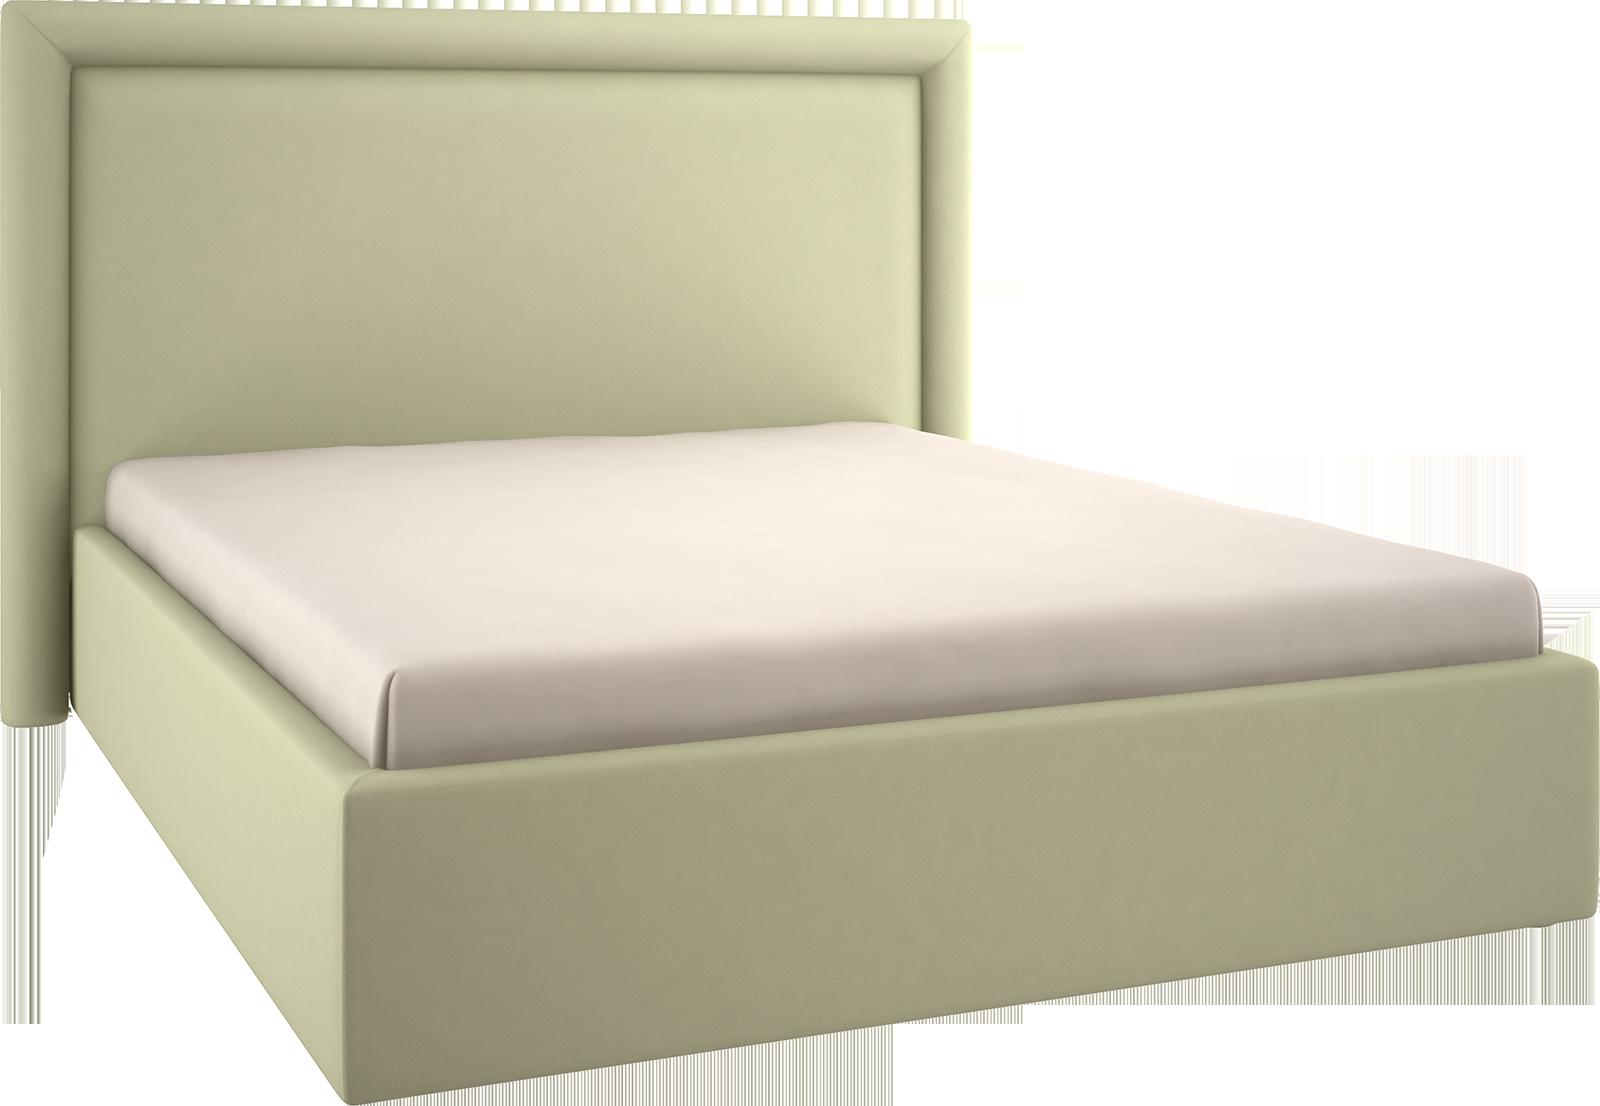 Кровать мягкая прямоугольная прямая стёж